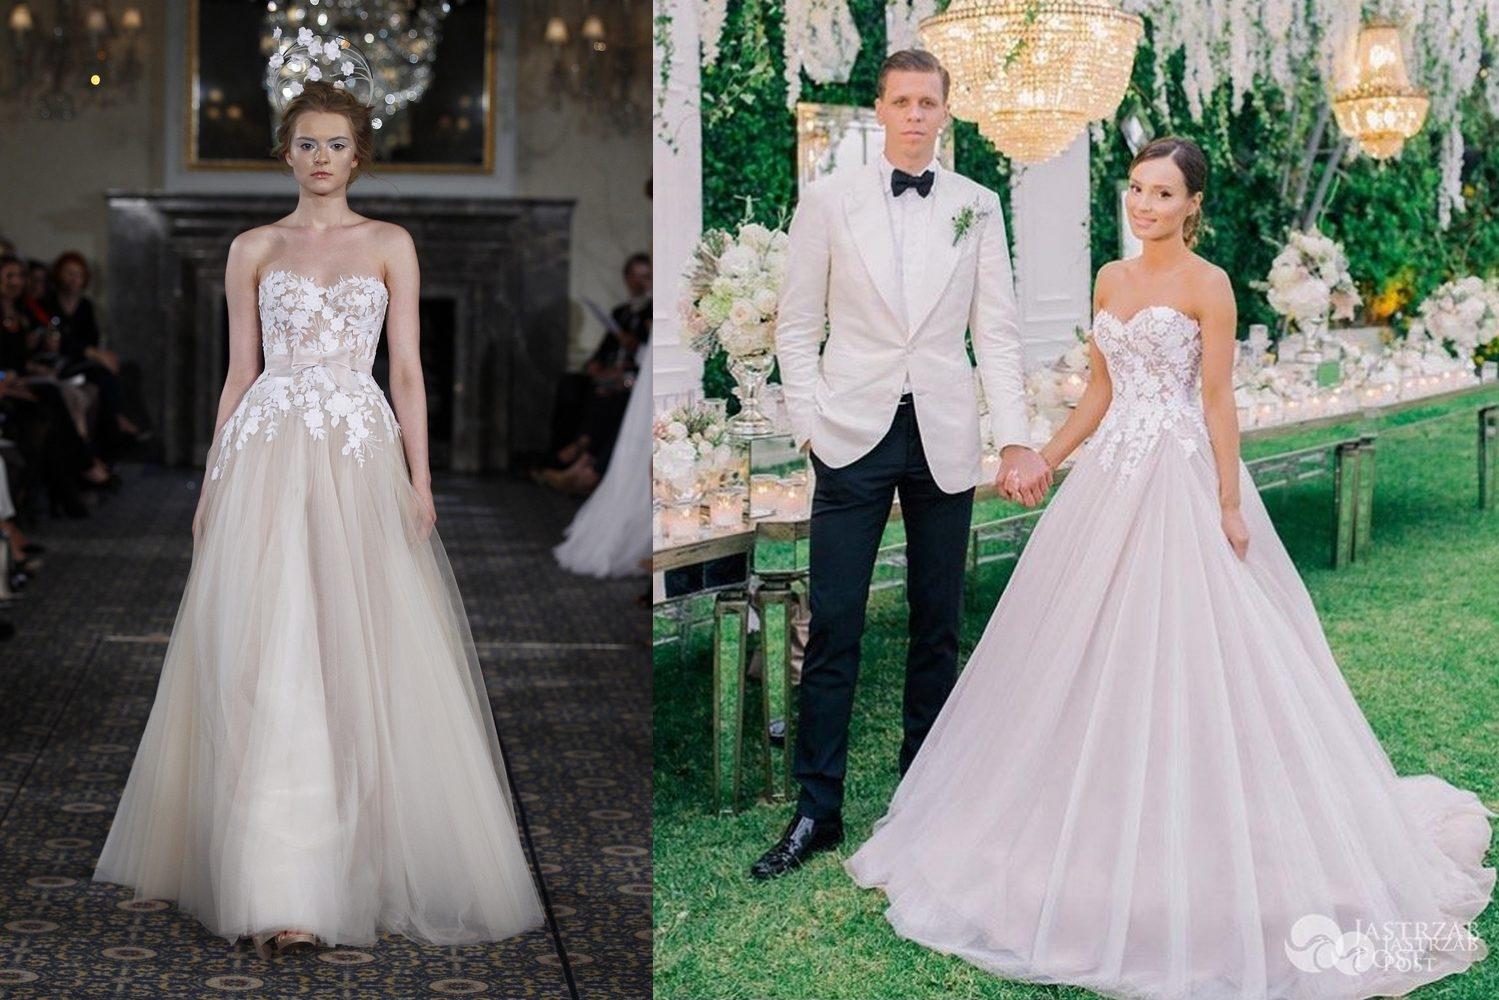 Po lewej: modelka w sukni